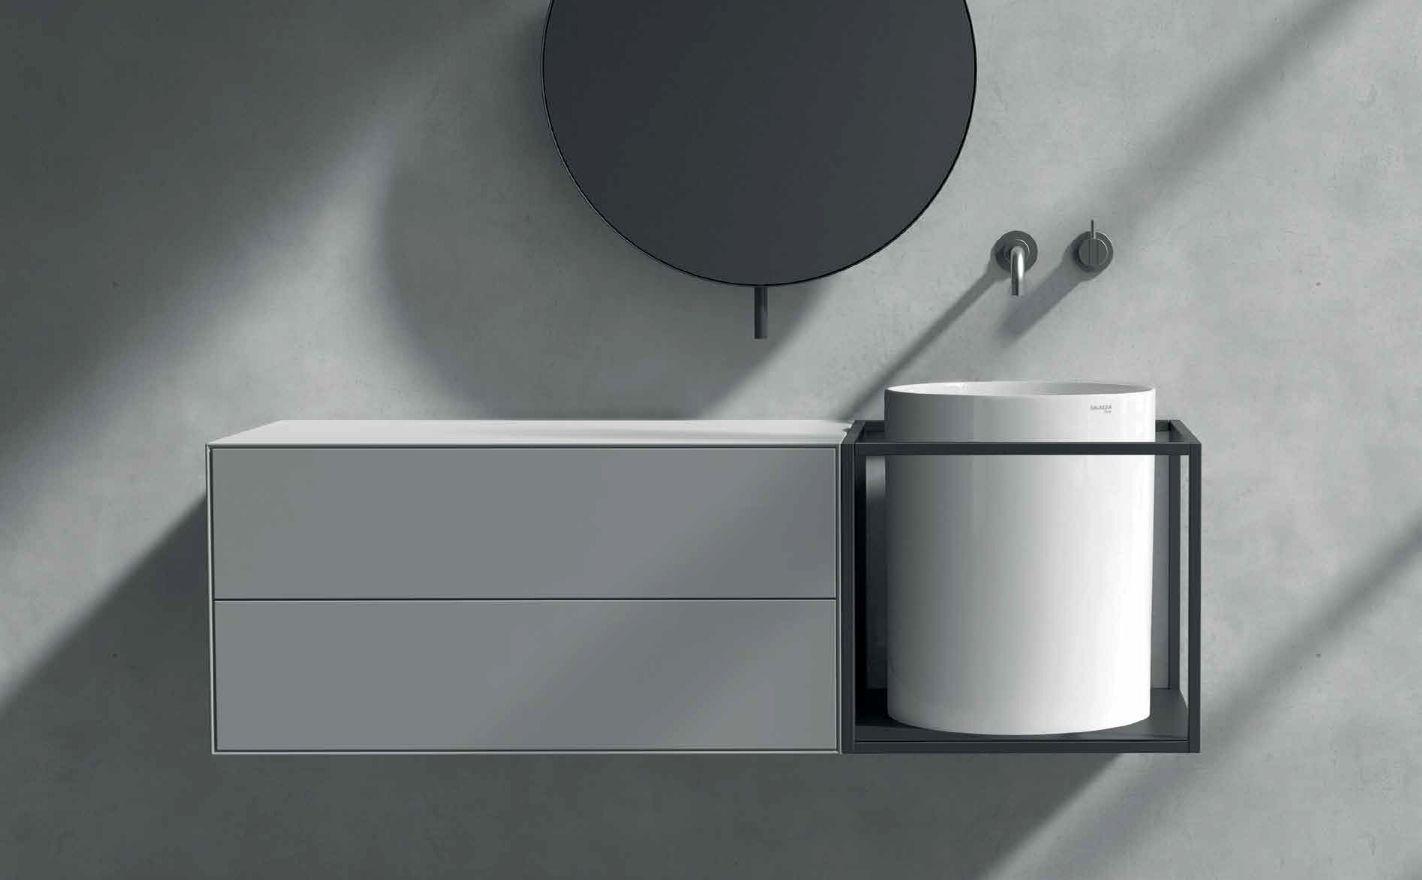 μοντέρνα μπάνια